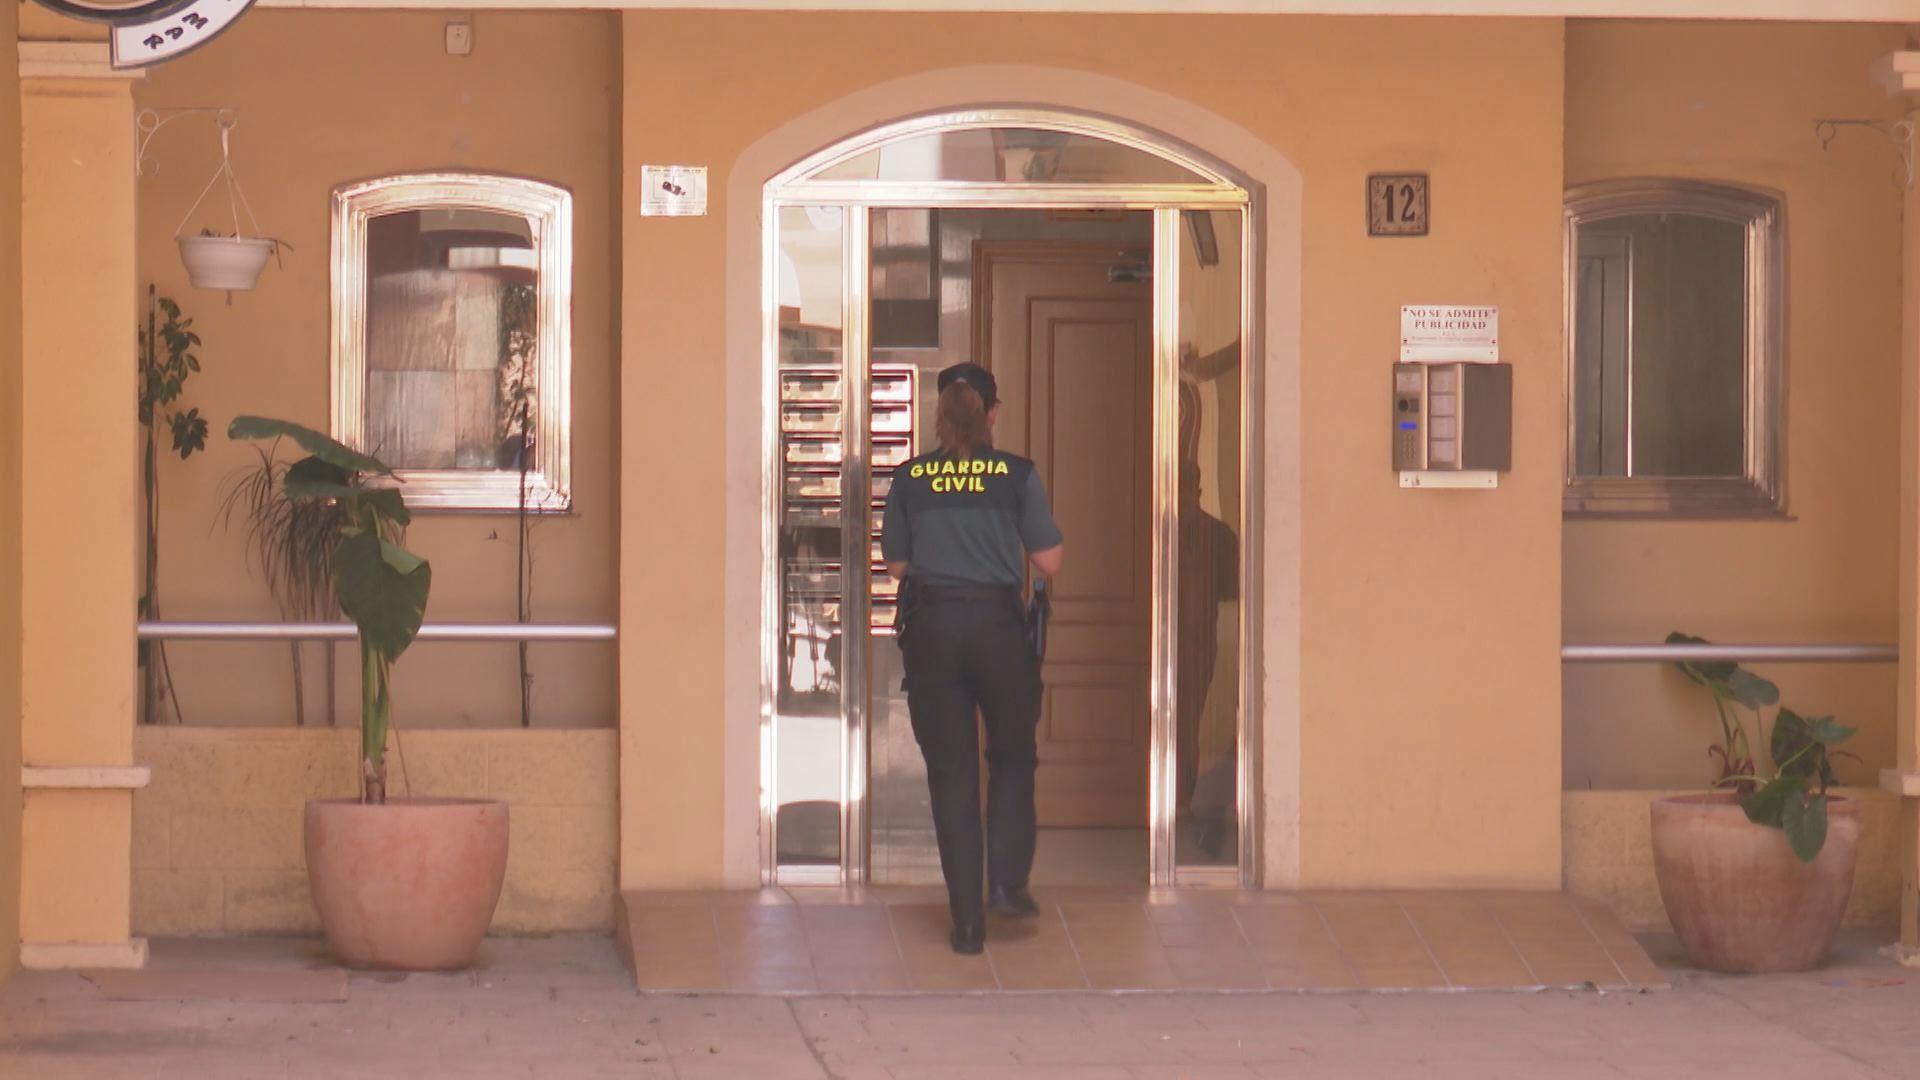 Conmoción en Alboraya por la muerte de una mujer y su pareja, que se ha suicidado.Las primeras hipótesis de la matanza de hoy indican que pudo tratarse de una venganza por el ataque el pasado marzo que tuvo lugar en el poblado de Ogossagou, también en el centro de Mali, y que se saldó con 157 muertos